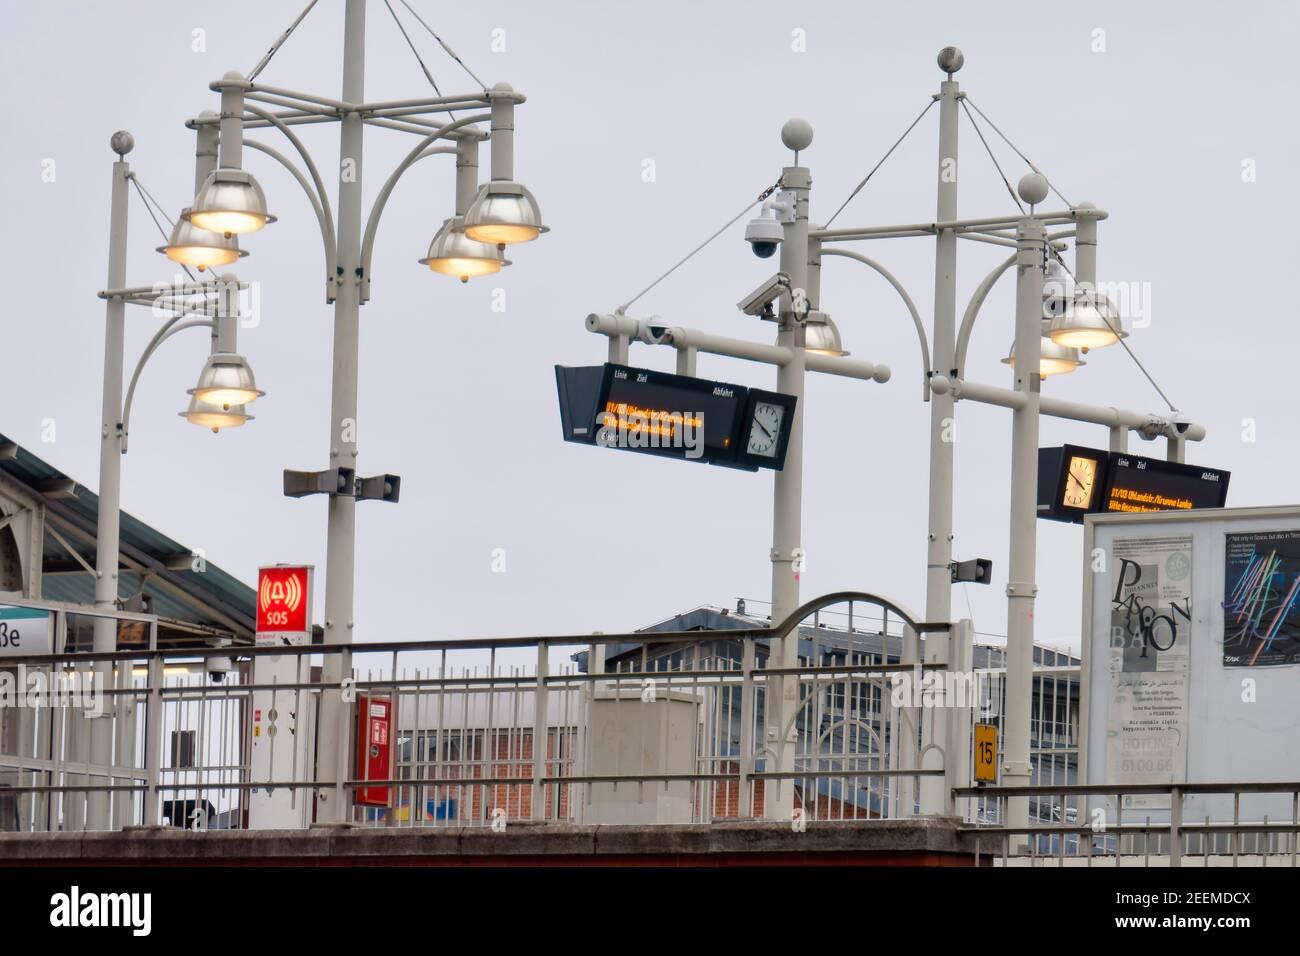 U-Bahnhof Warschauer Strasse, bei Tagesllicht beleuchteter Bahnsteig, Energieverschwendung, BVG, Berlin-Friedrichshain, Deutschland, Stock Photo